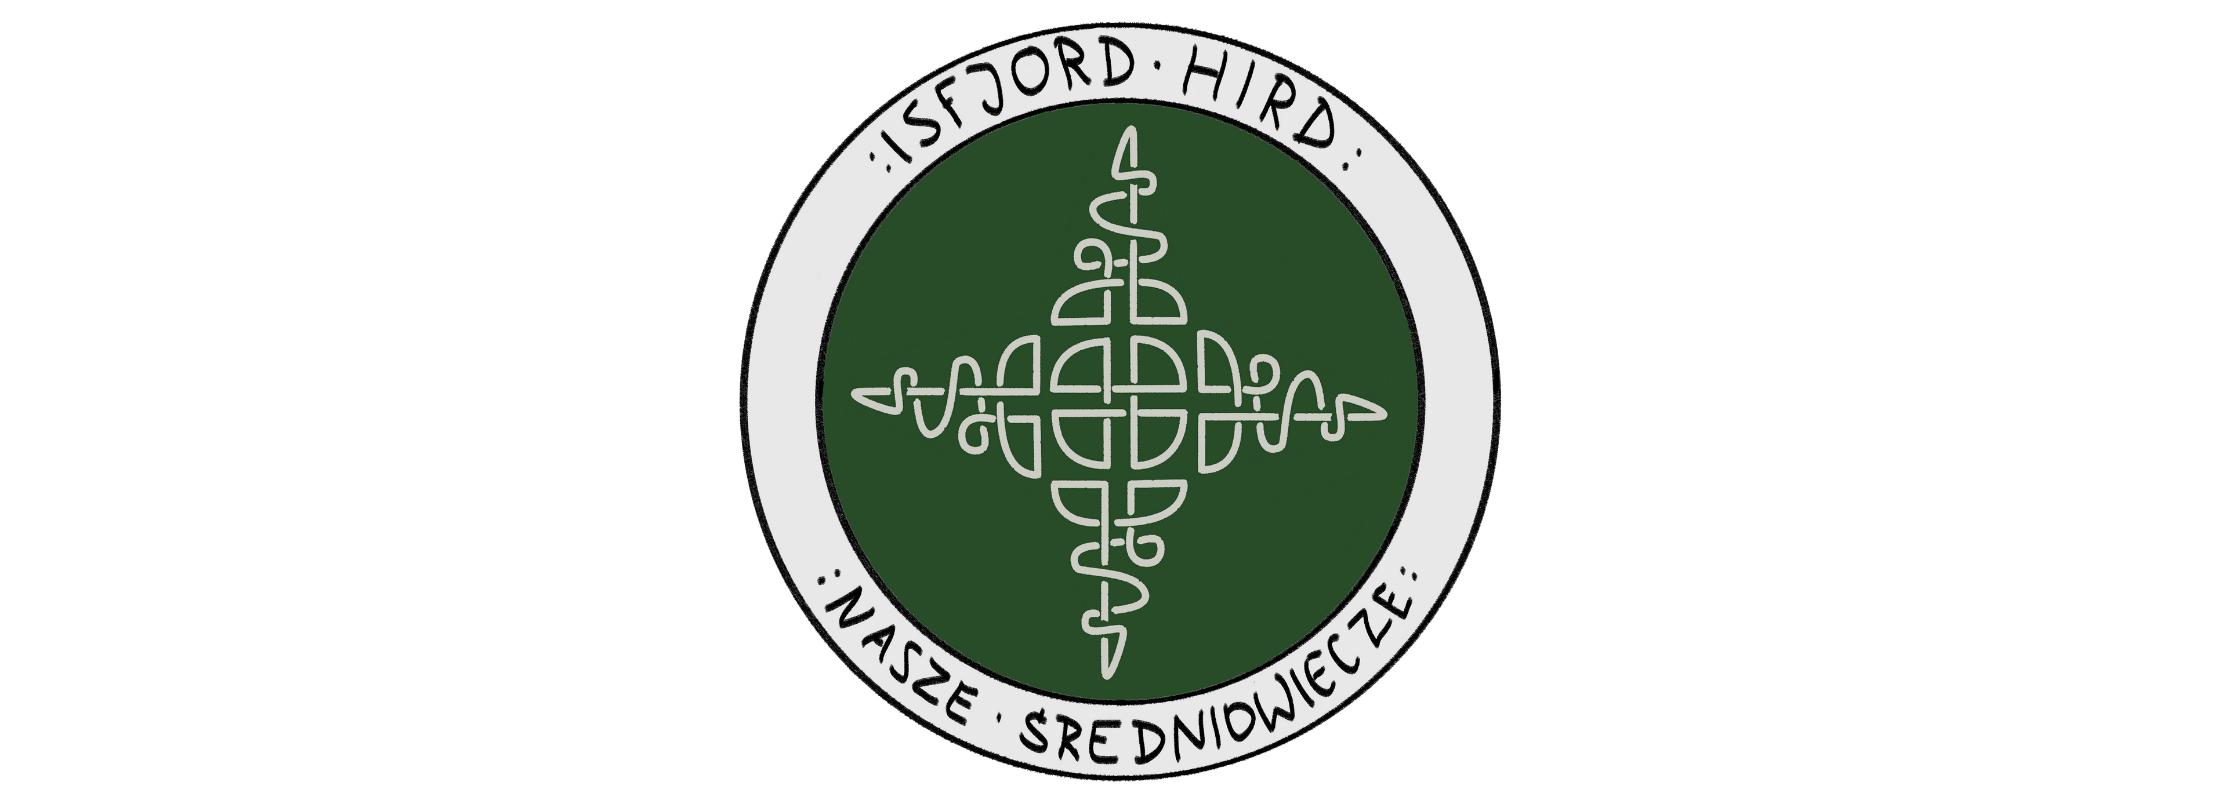 Isfjord Hird - Nasze Średniowiecze